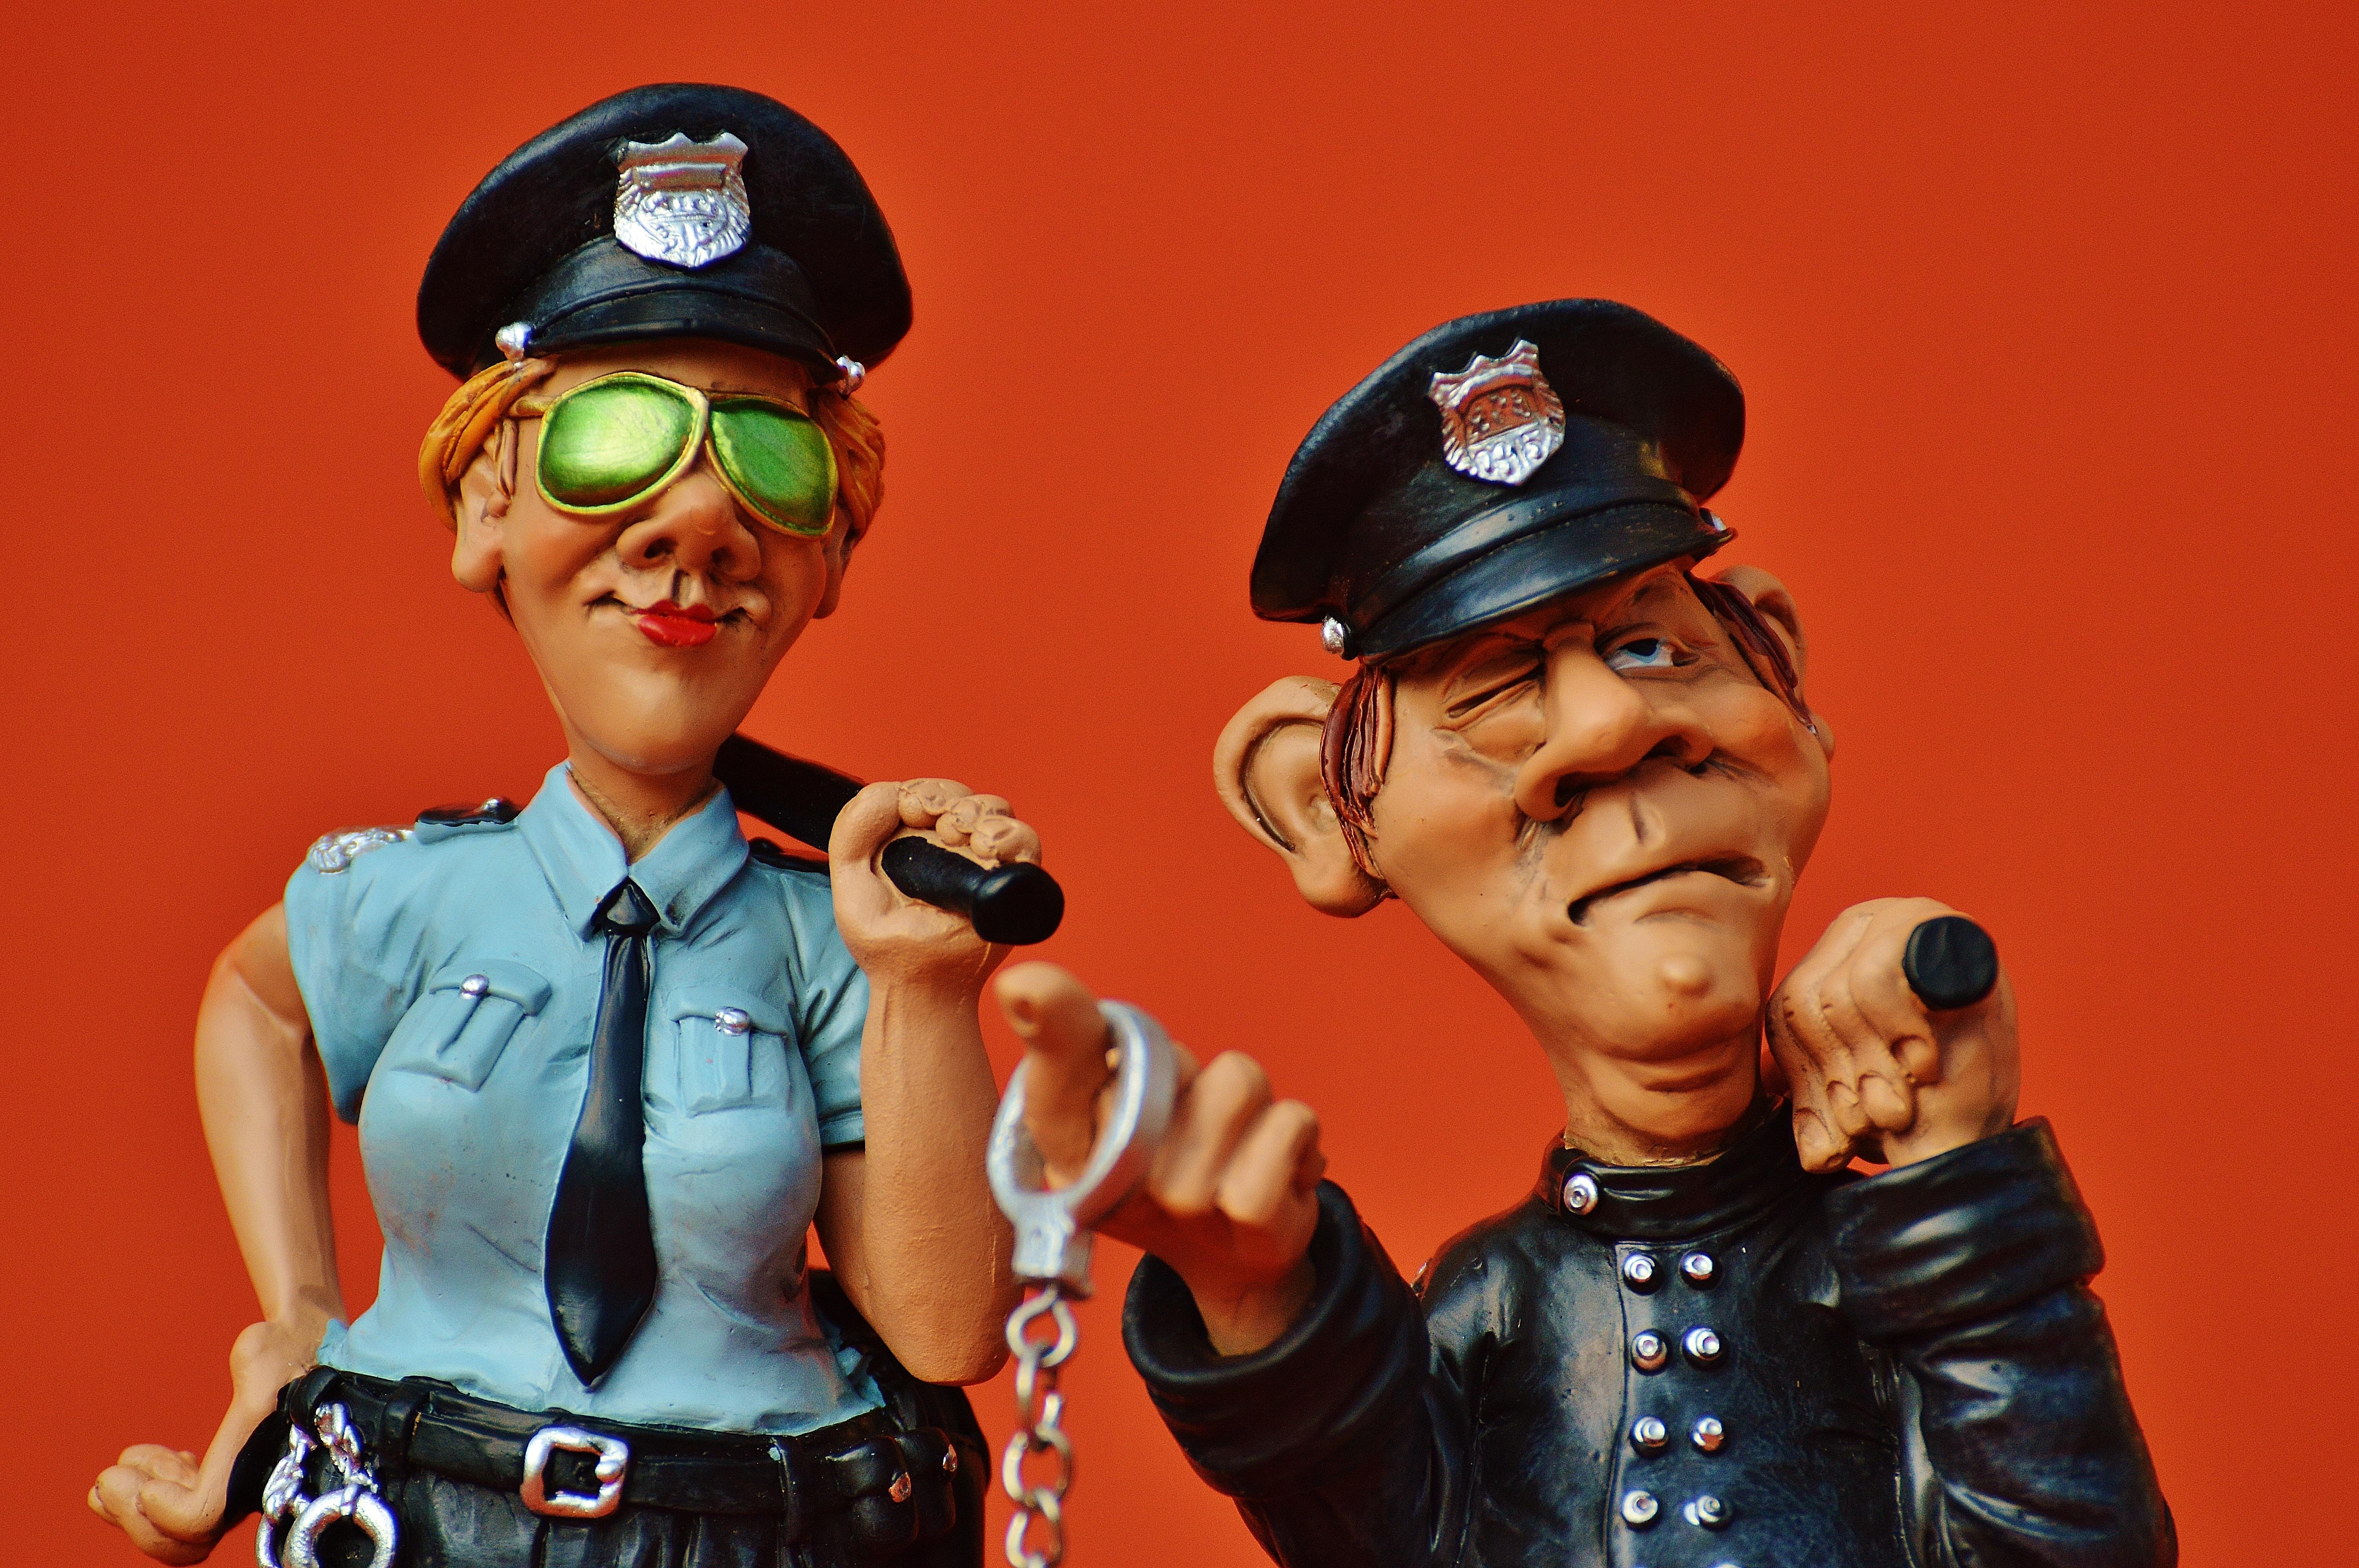 Картинка с полицейским смешная, открытку днем